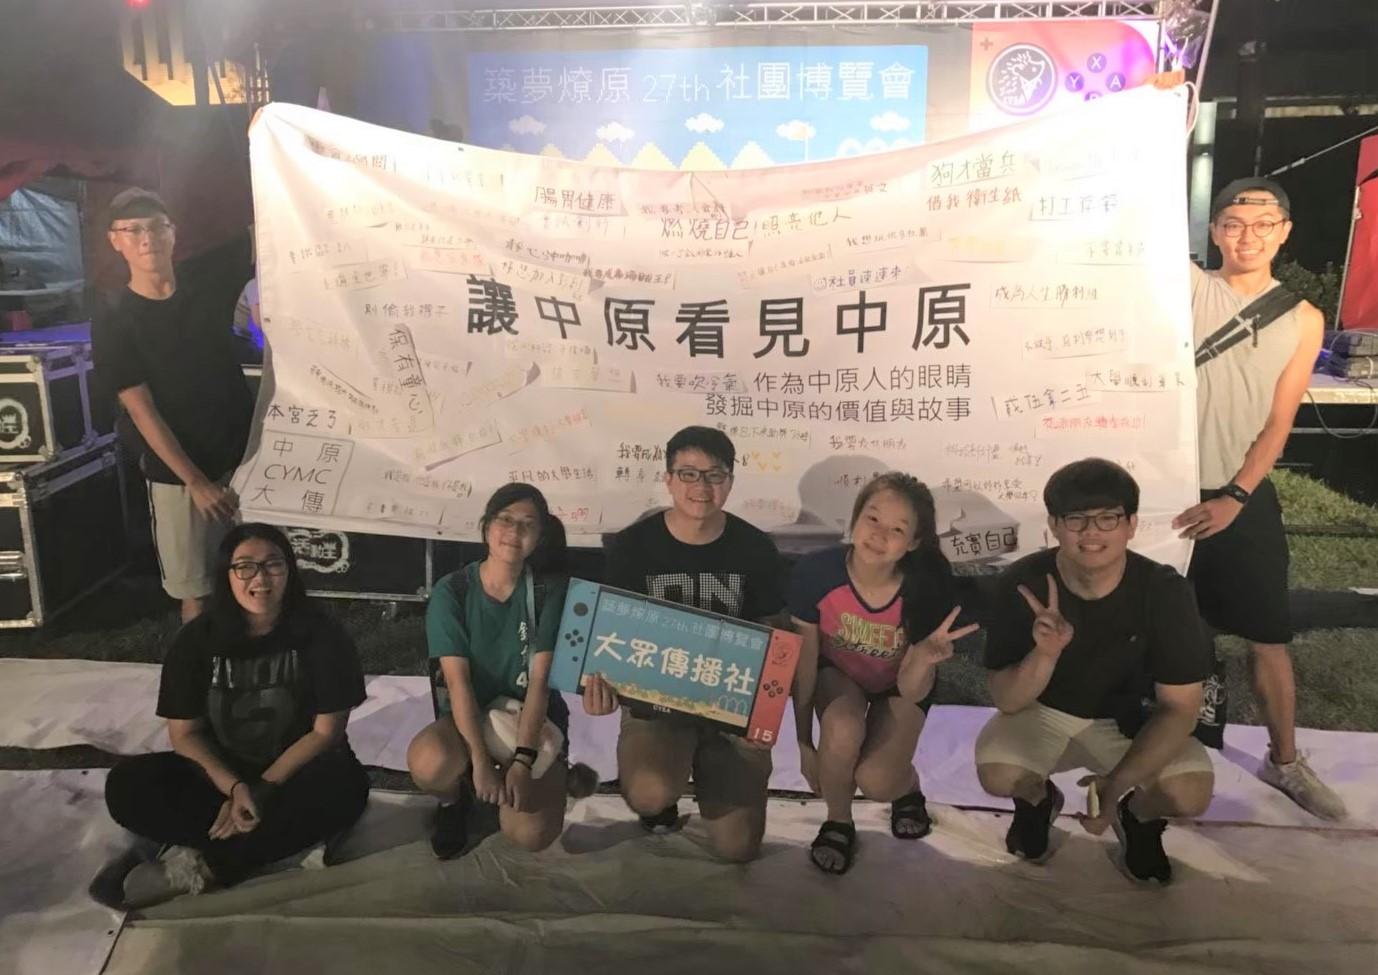 「夢想+行動」 中原環工校友張致遠用斜槓大學生活「玩」出軟實力!